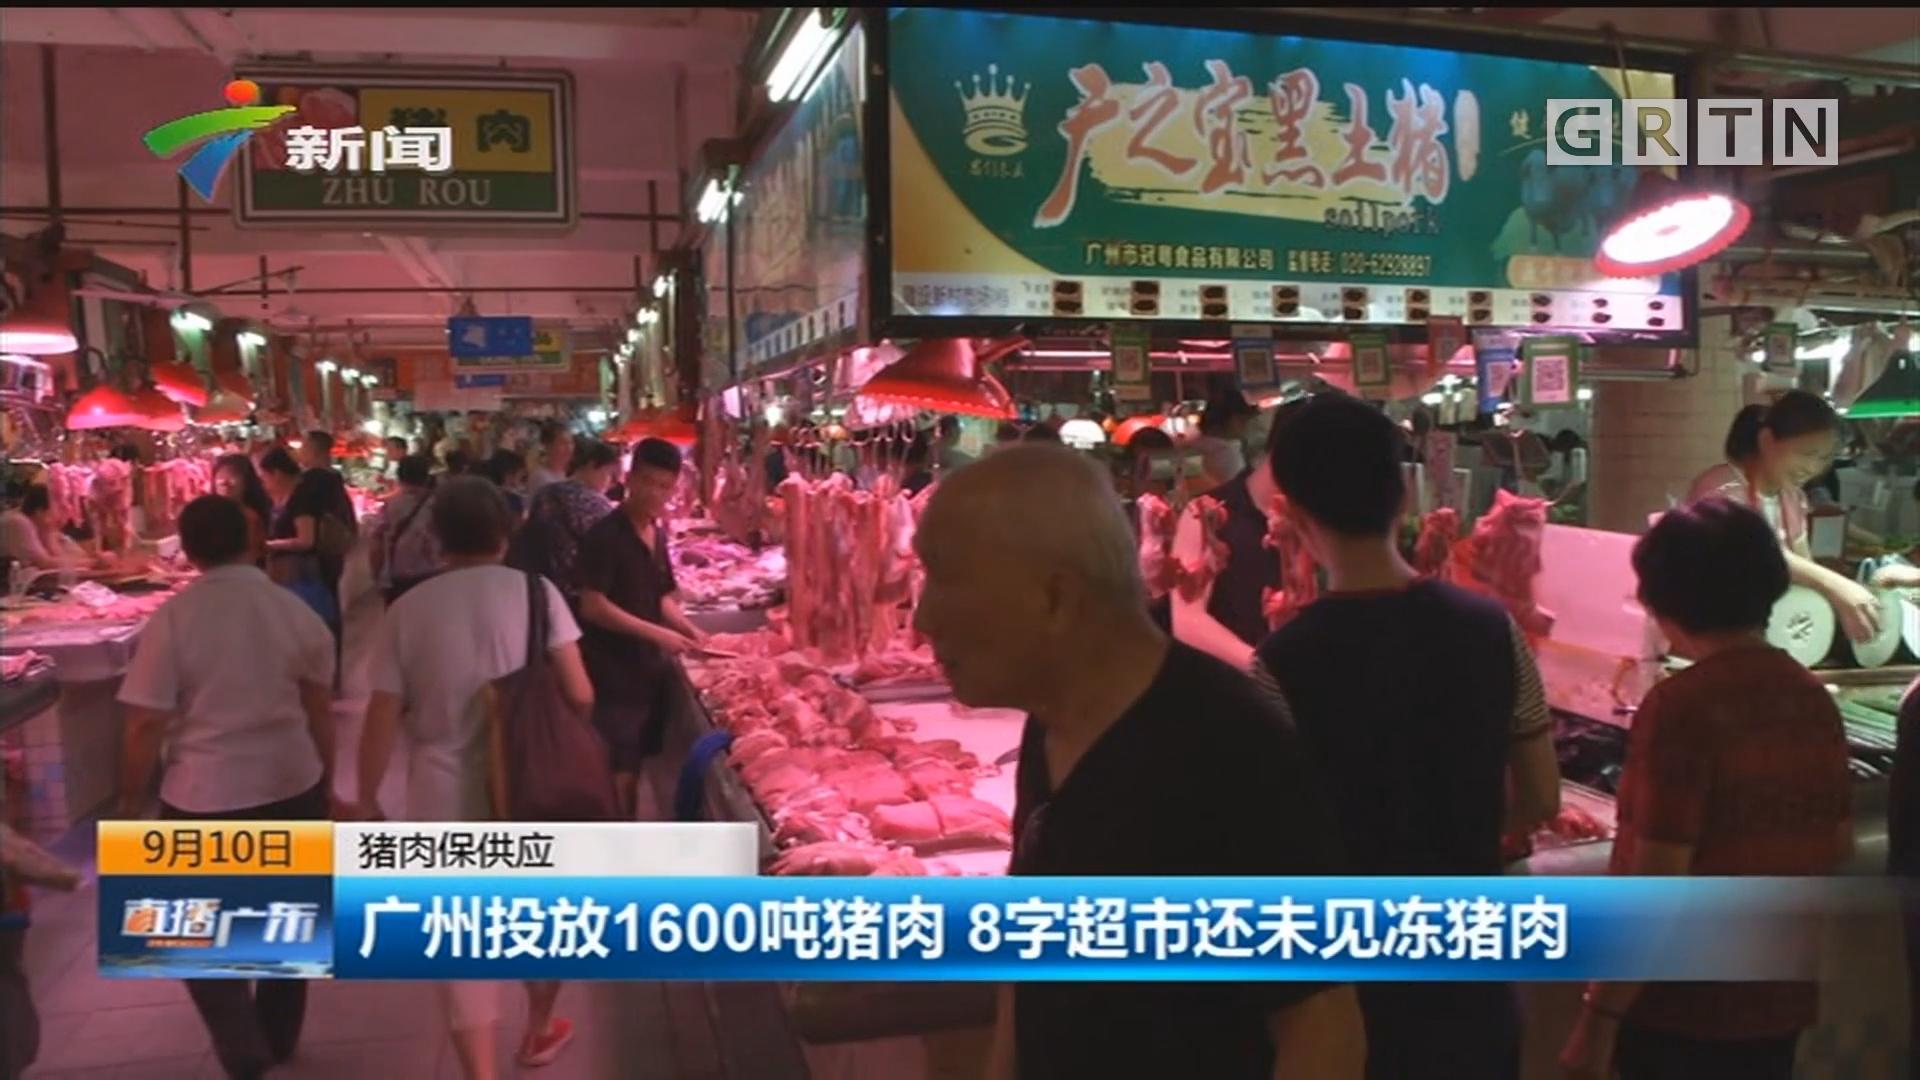 猪肉保供应:广州投放1600吨猪肉 8字超市还未见冻猪肉